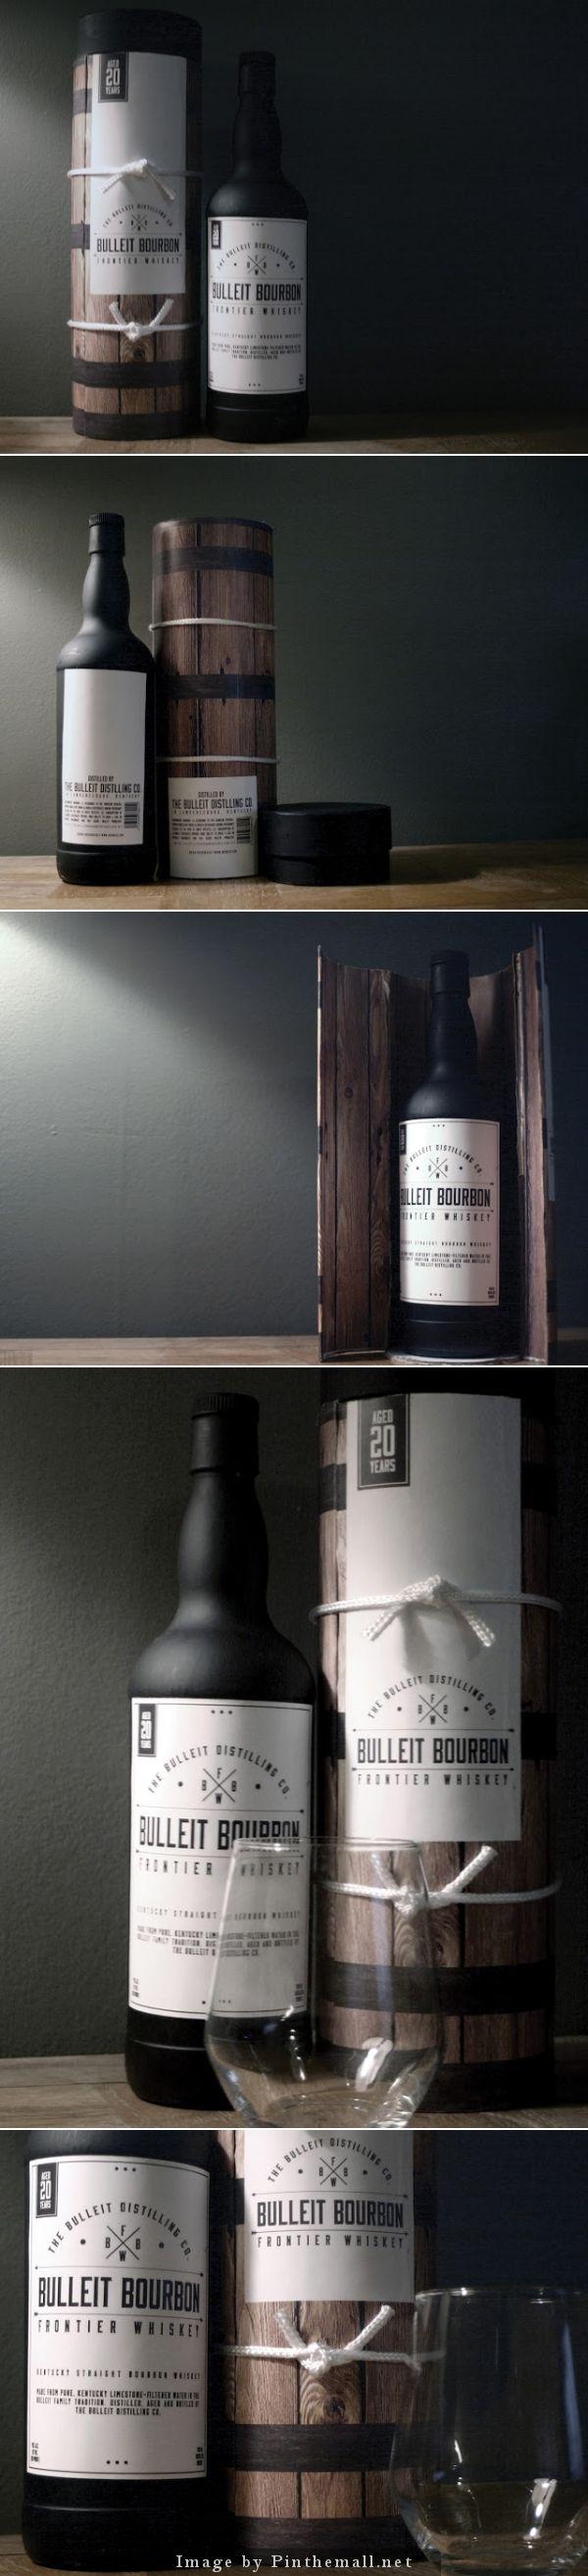 Bulleit Bourbon Frontier Whiskey (Student Project) by Bre Cain 樽仕込みのフレーバーを演出したデザインがそそる。外装とボトルの質感の組み合わせが完璧。これで透明ツヤボトルだったら絶対がっかりすると思う。